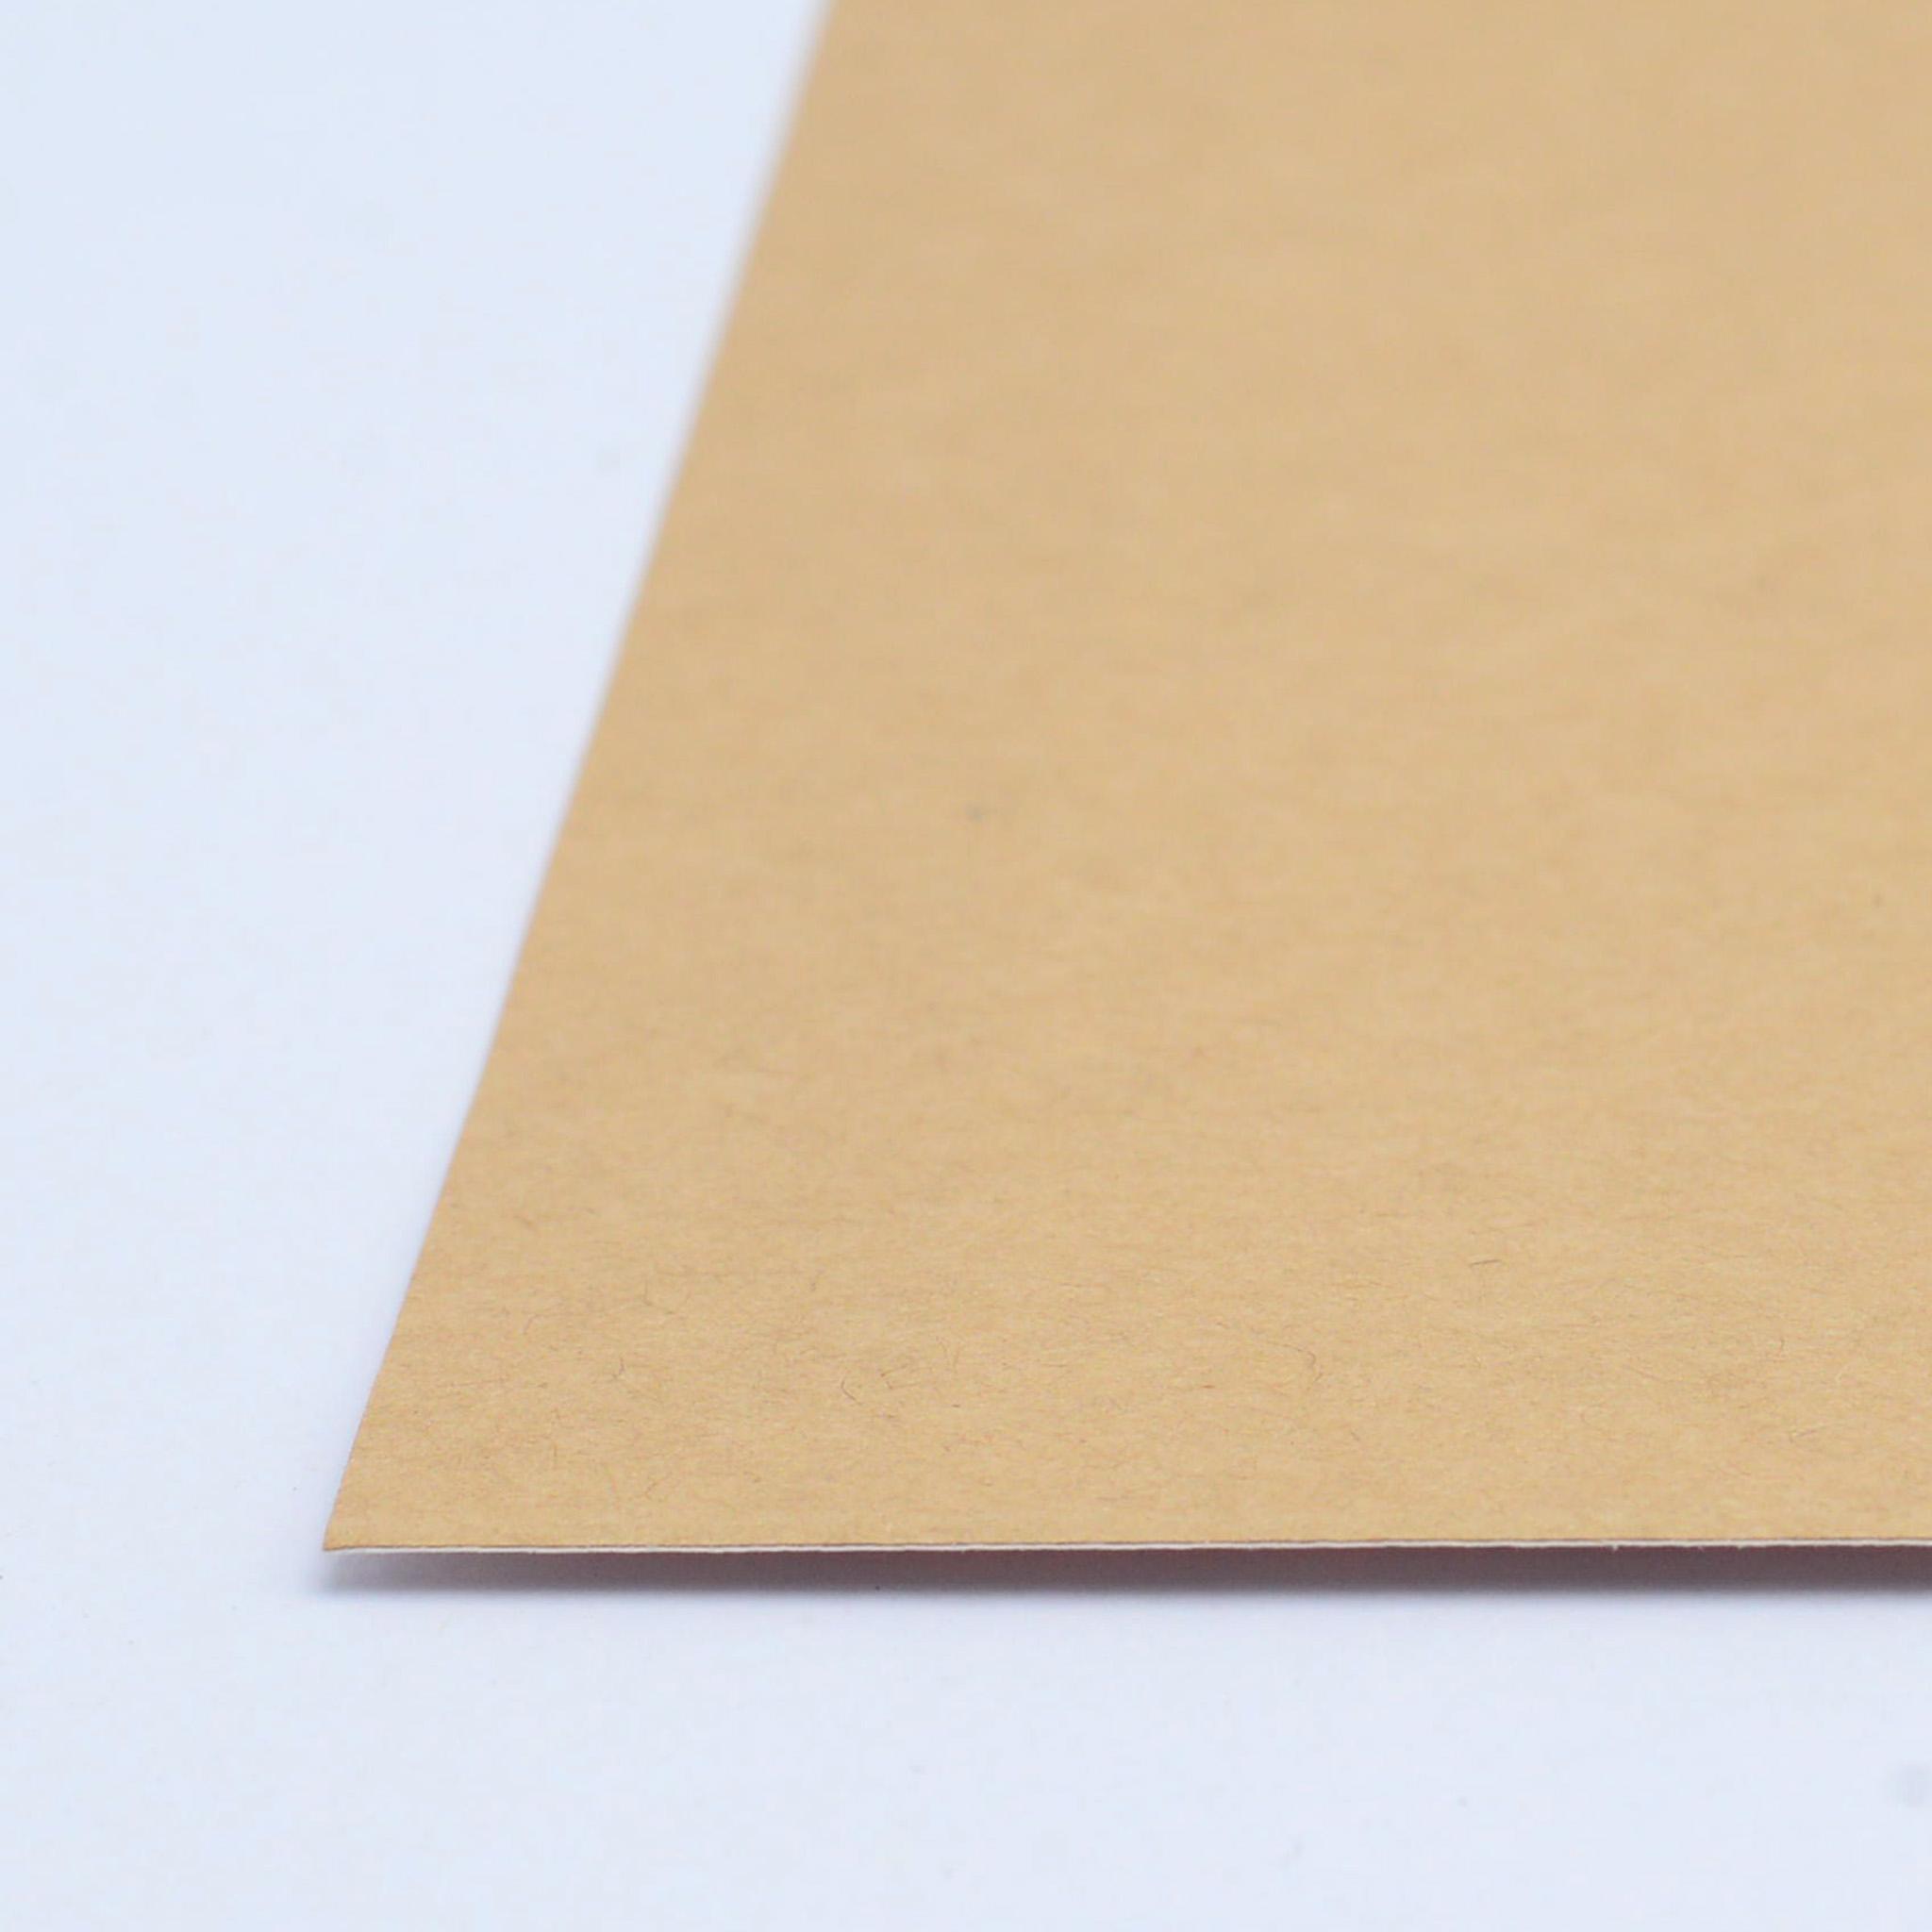 สติ๊กเกอร์กระดาษคราฟน้ำตาล A4